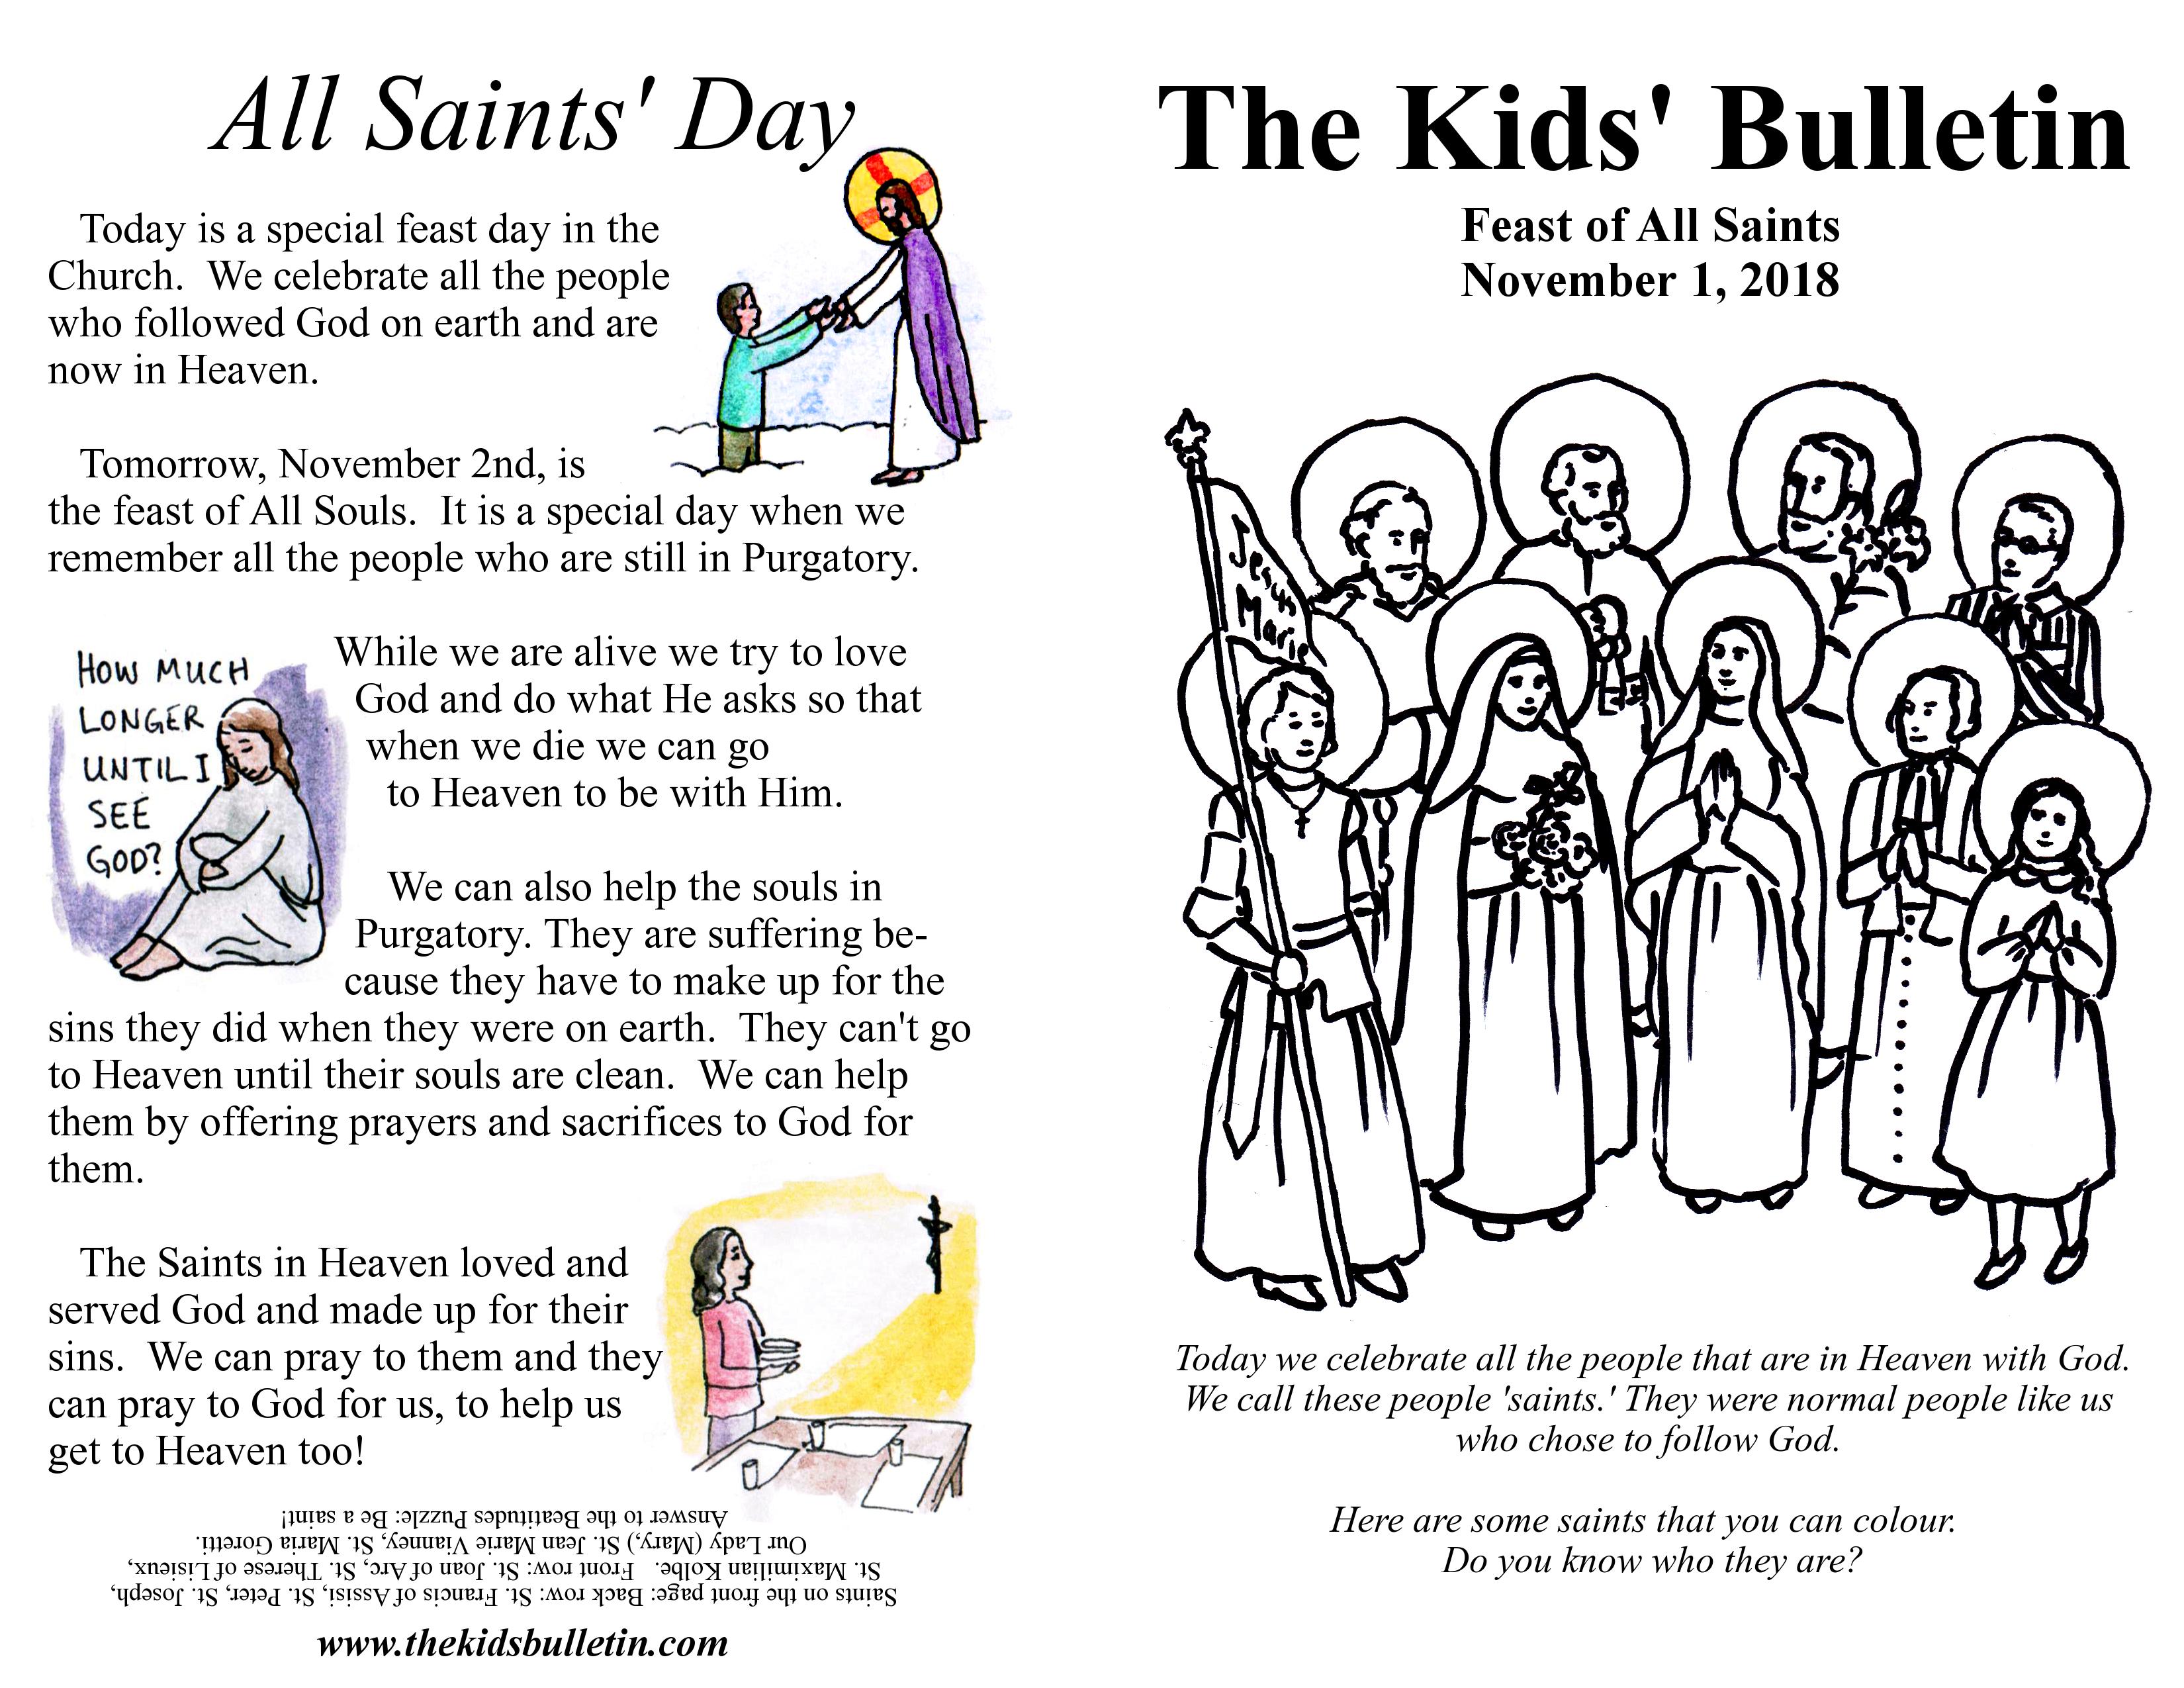 The Kids Bulletin For All Saints November 1